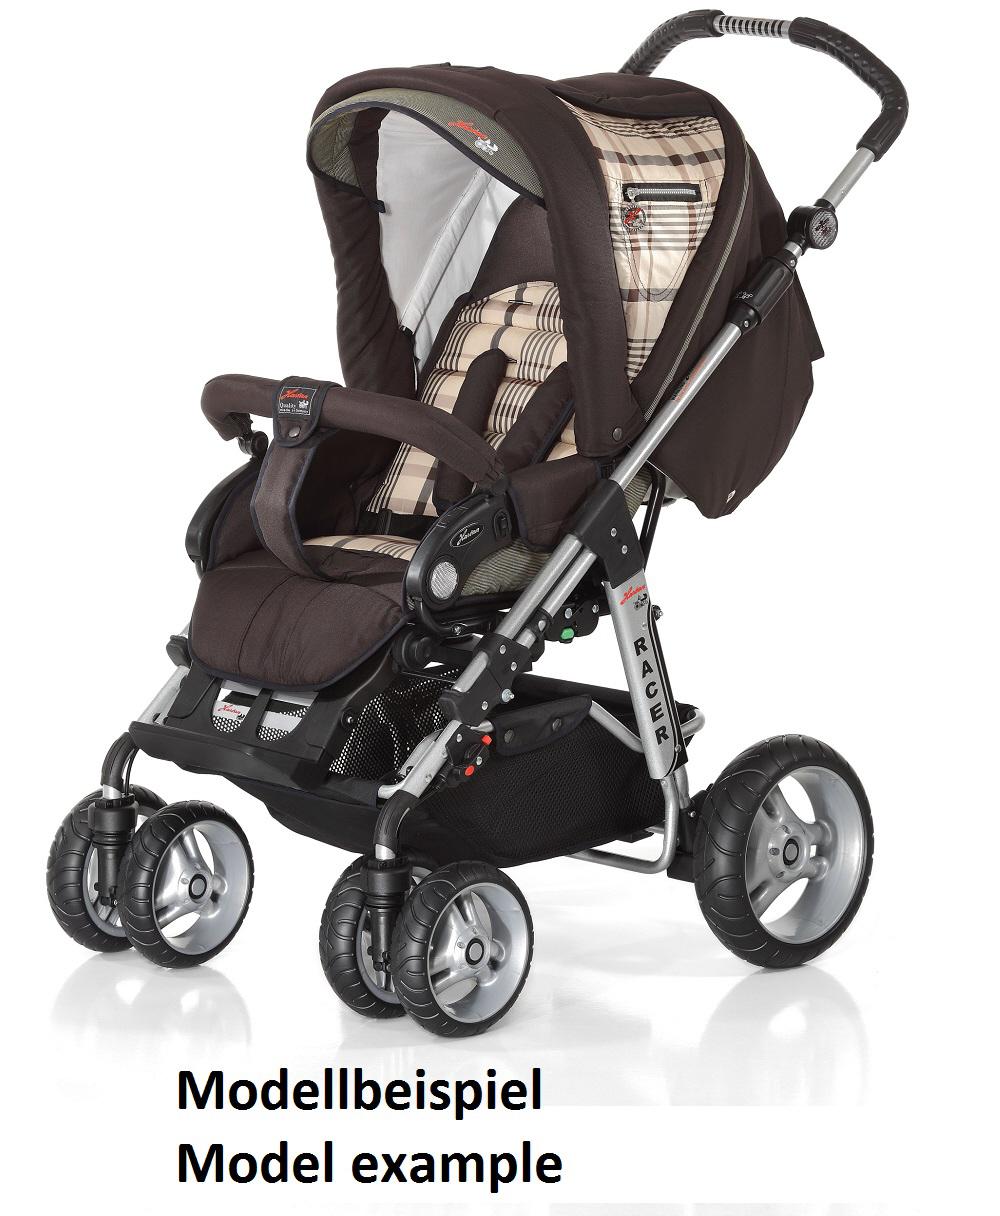 Zwillingskinderwagen hartan  Hartan Racer S mit Handbremse 2012 2013 279 online kaufen bei kidsroom